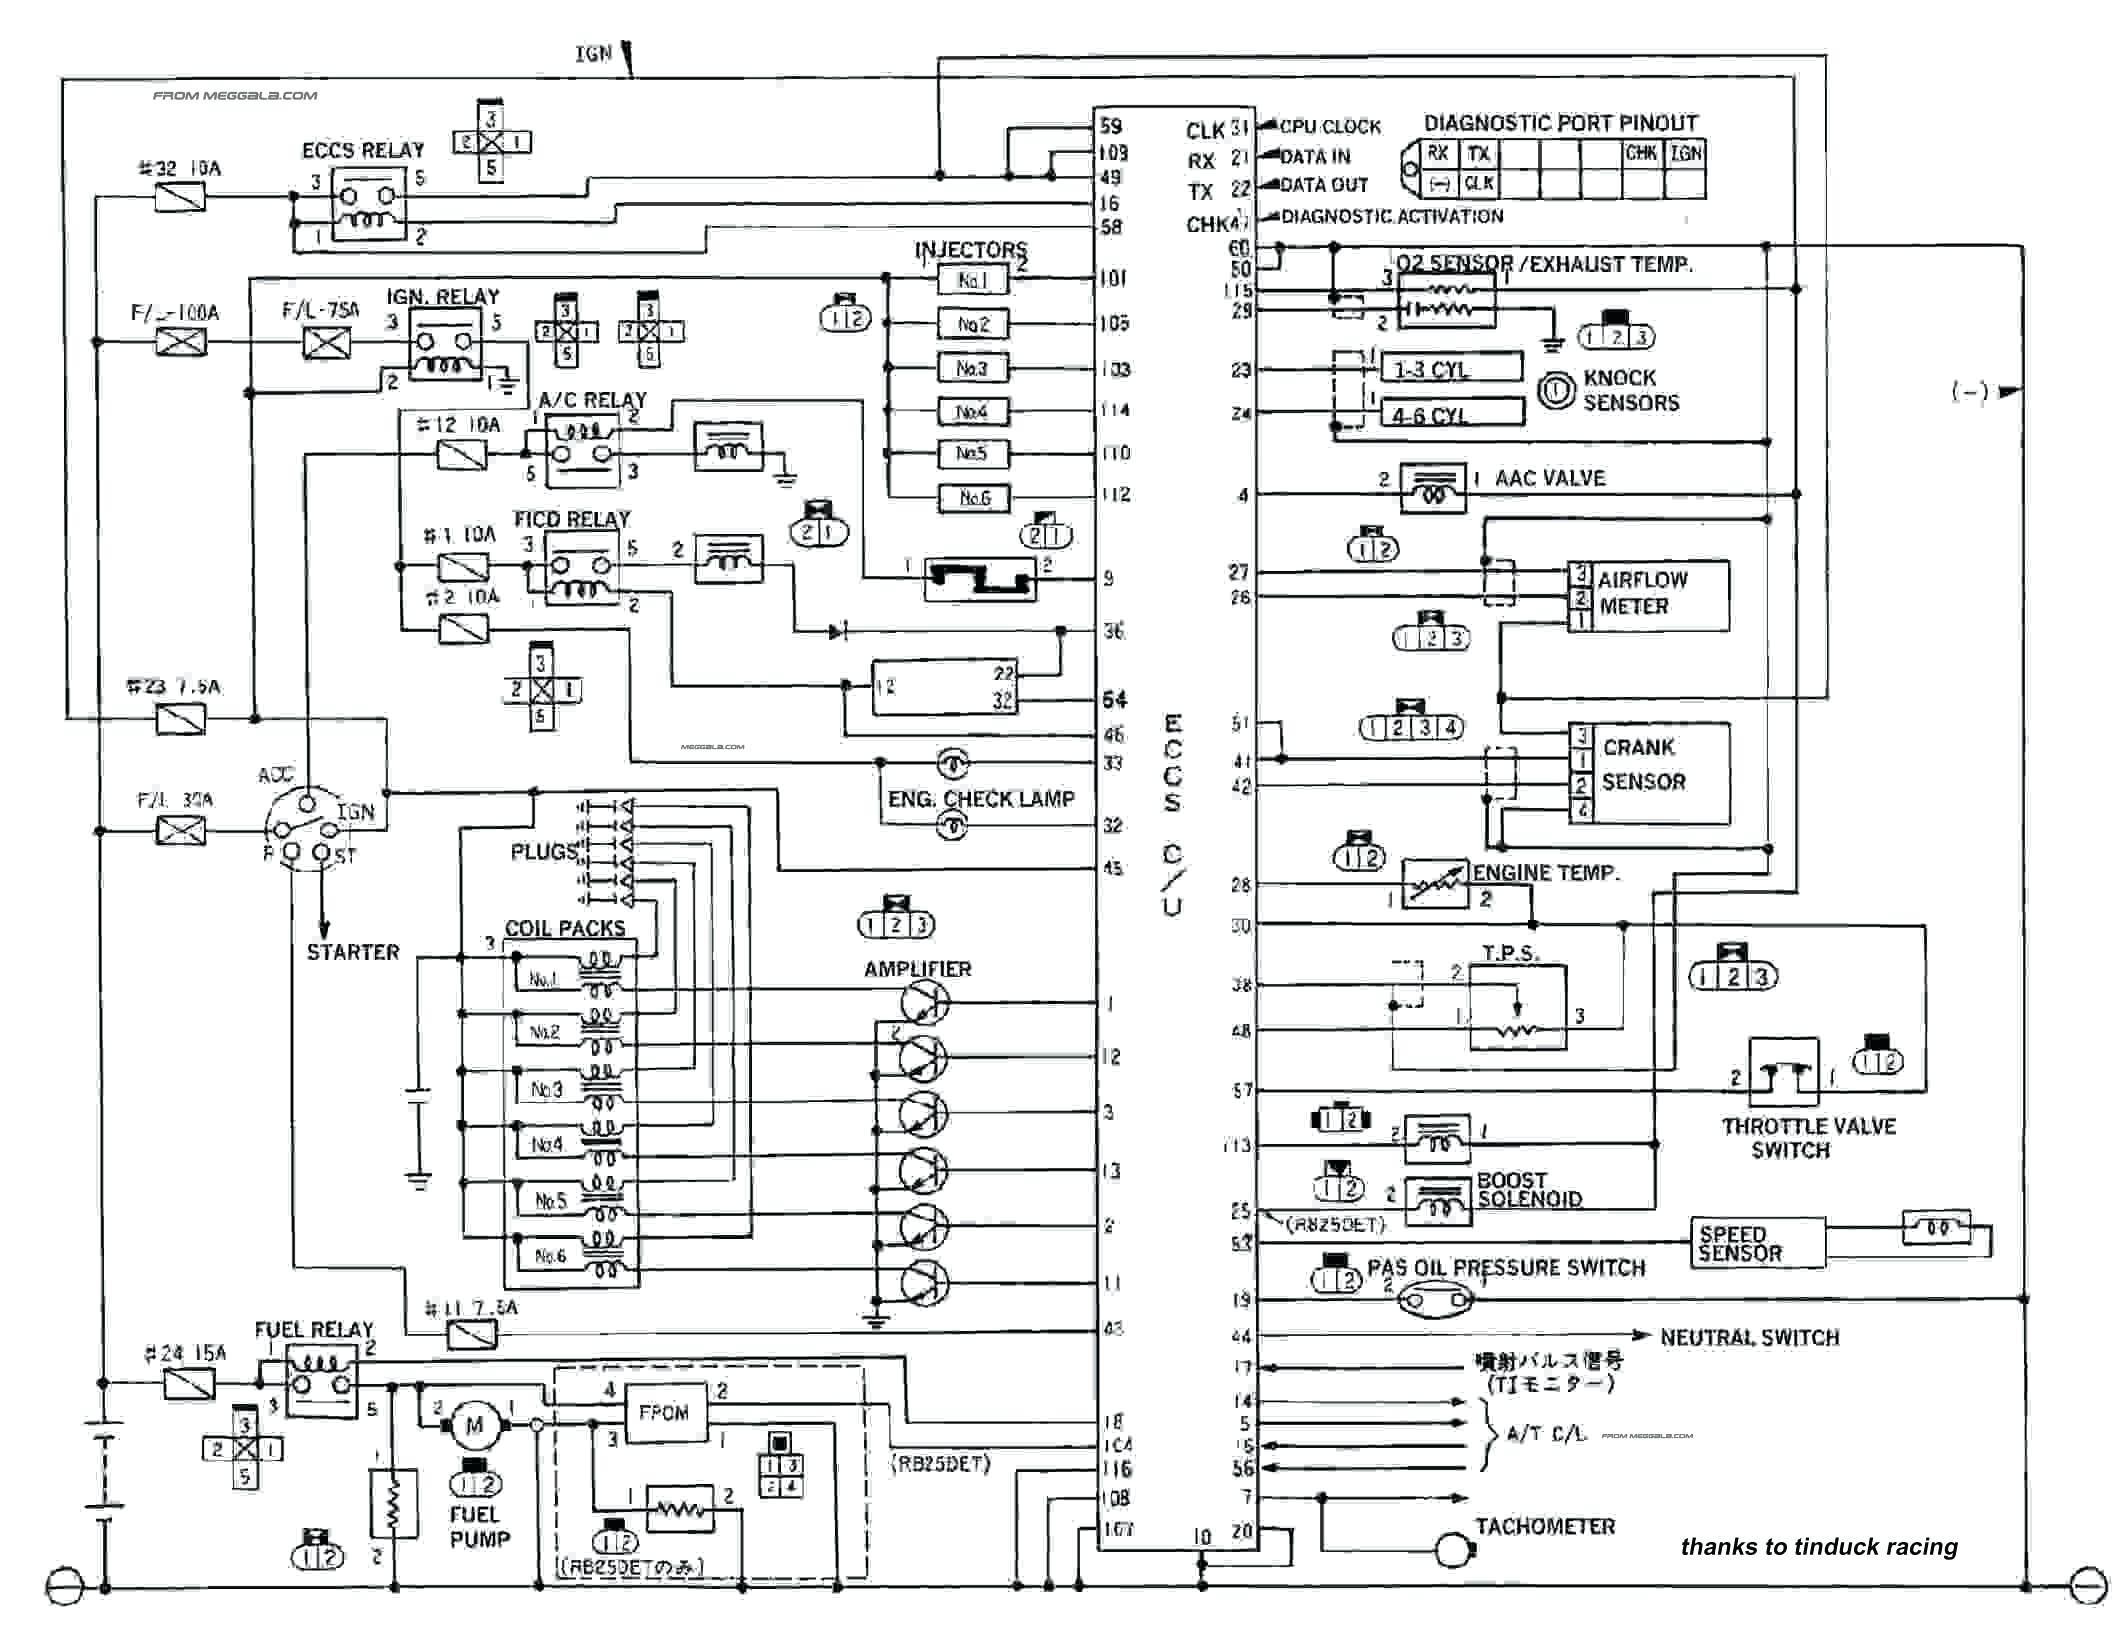 1980s Kawasaki Kdx 200 Wiring Diagram